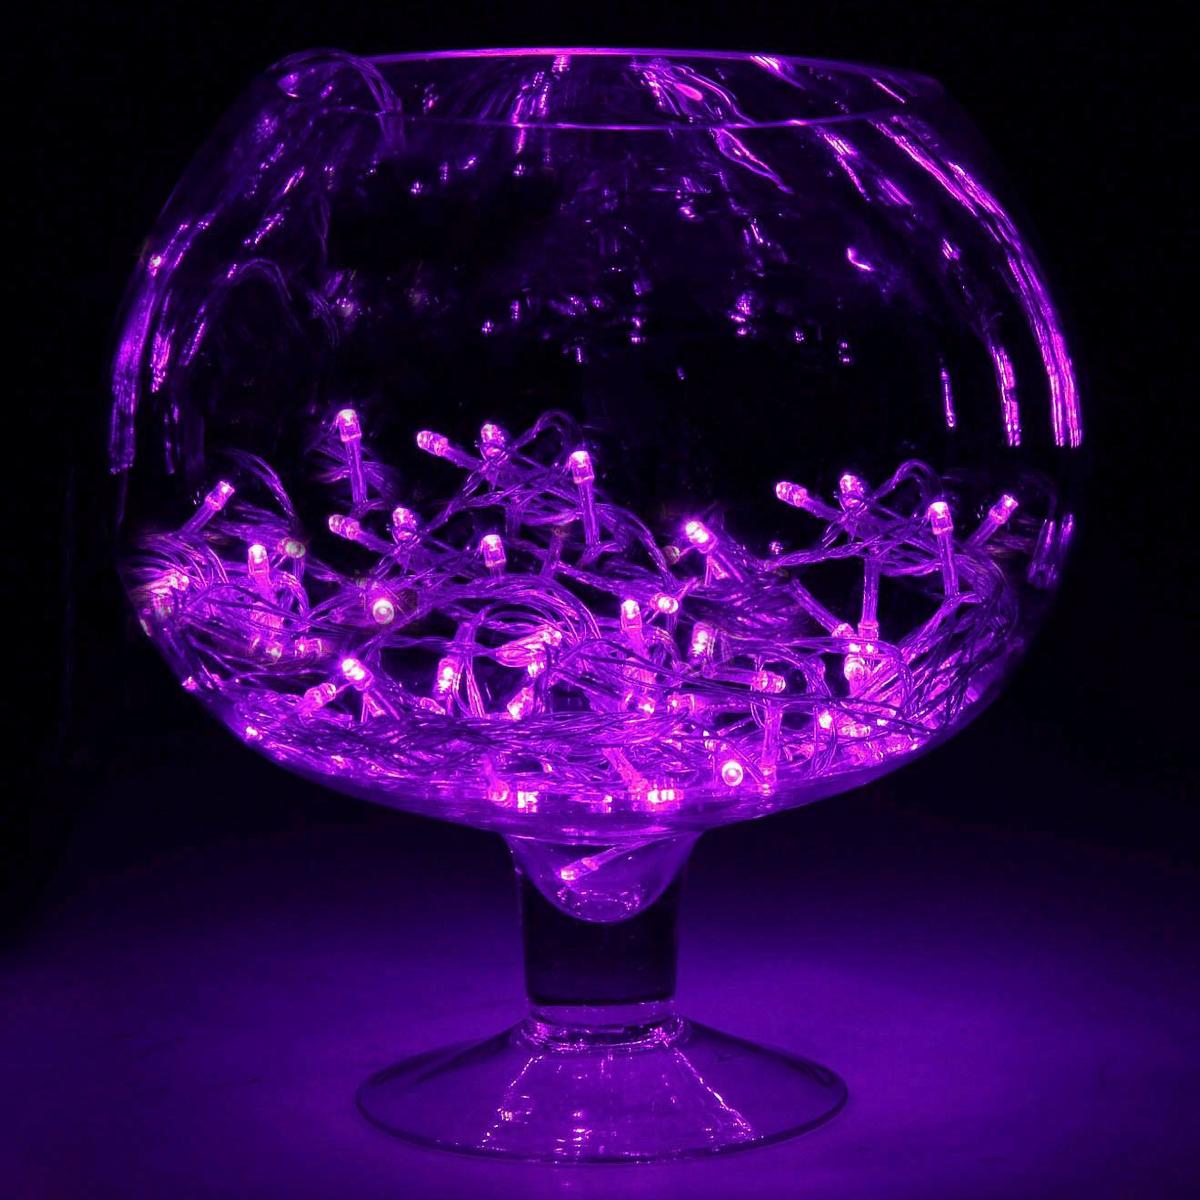 Гирлянда светодиодная Luazon Метраж, цвет: фиолетовый, 200 ламп, 8 режимов, 220 V, длина 20 м. 187167 гирлянда luazon дождь 2m 6m multicolor 671678